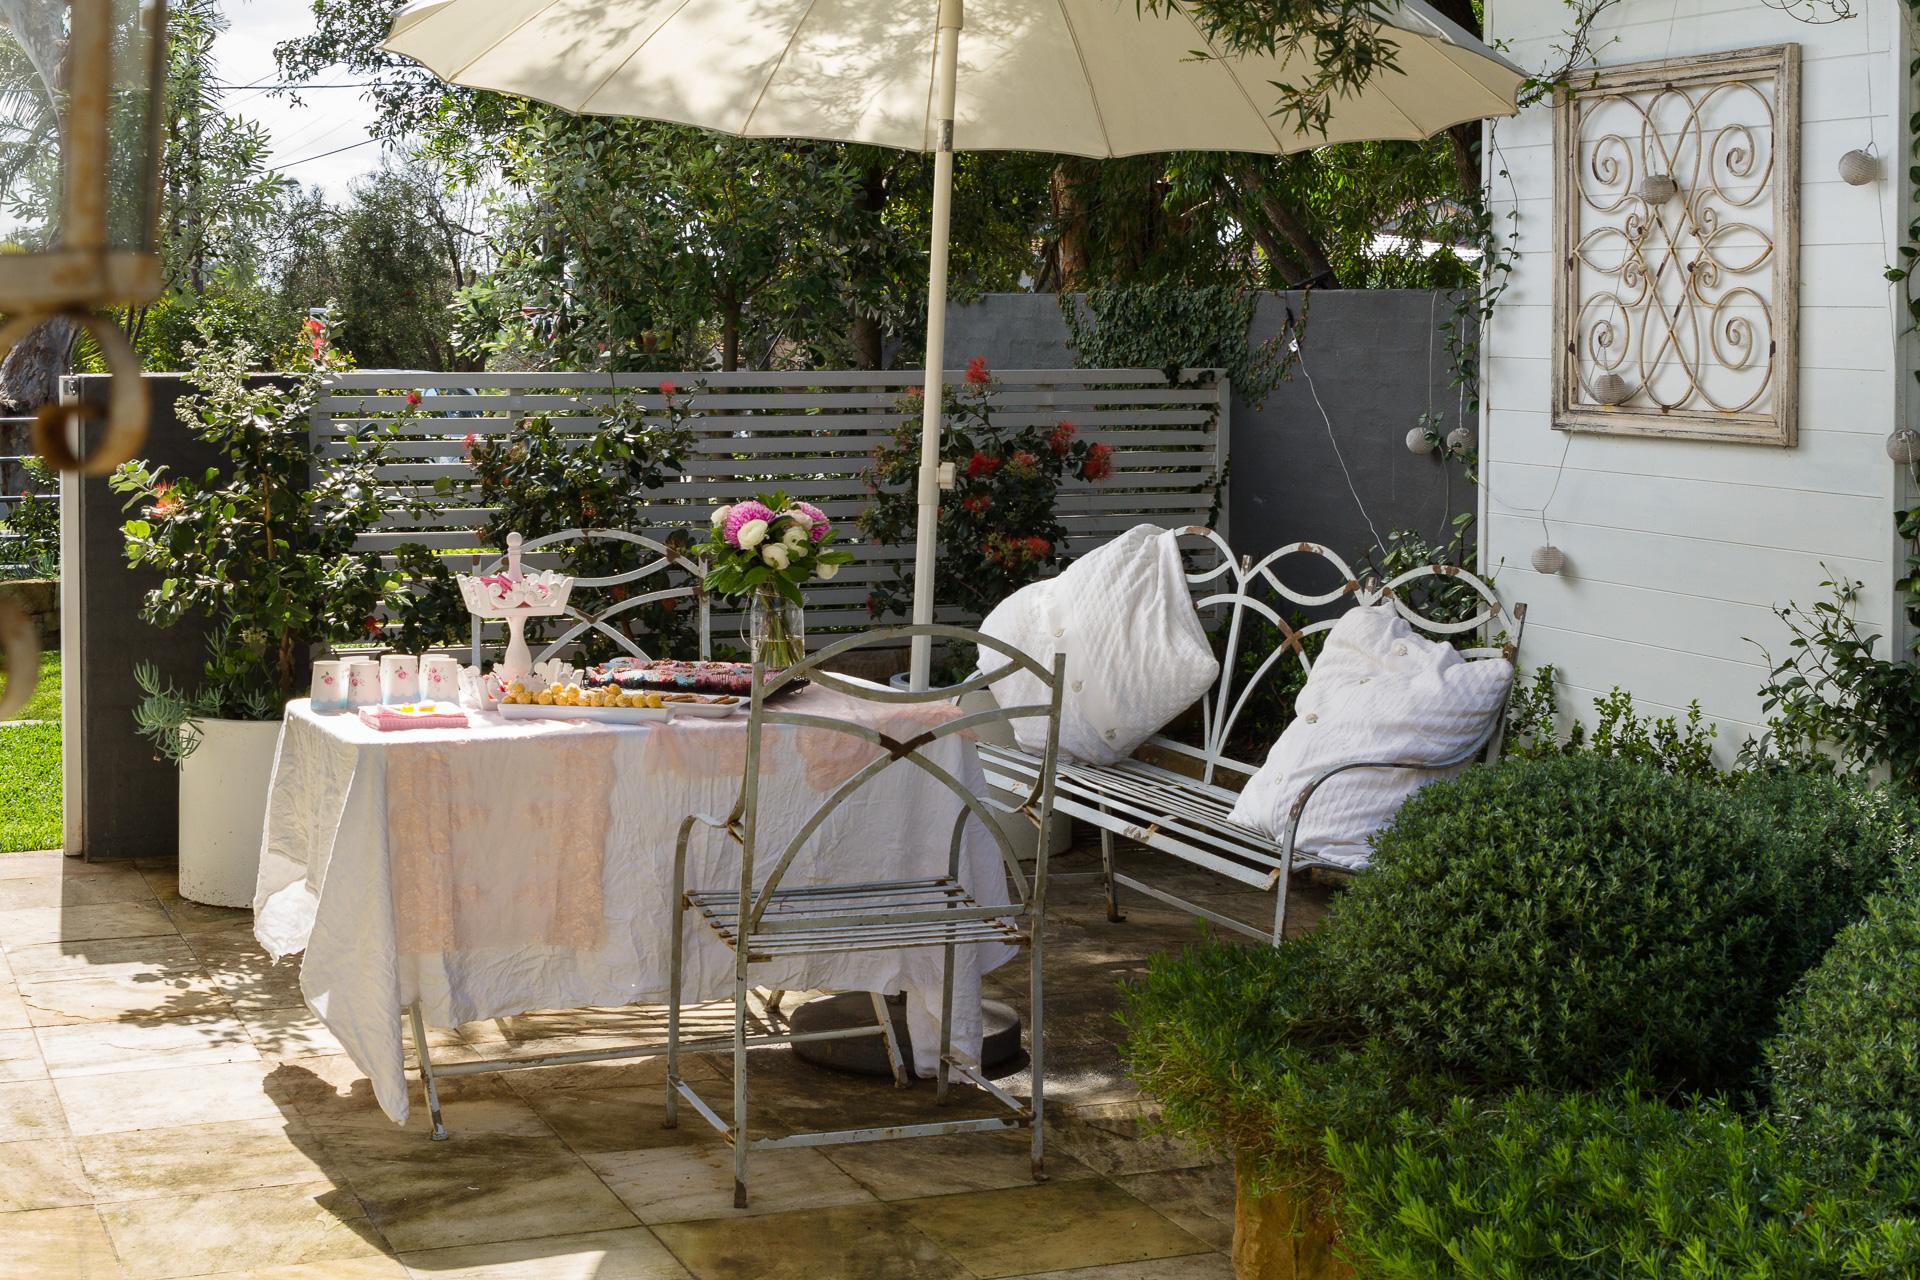 cronulla_residential_garden_design 25.jpg